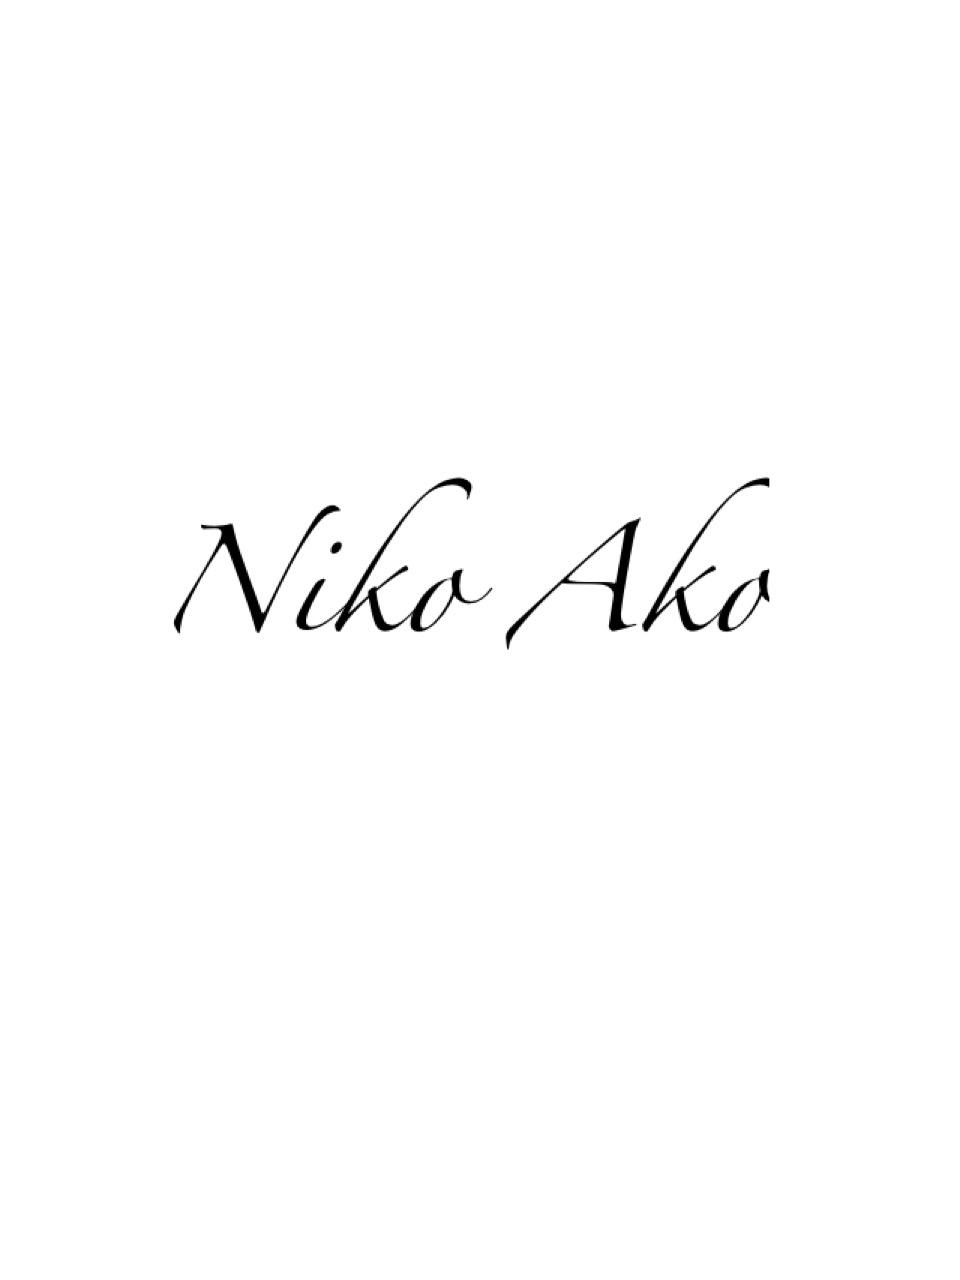 NikoAko